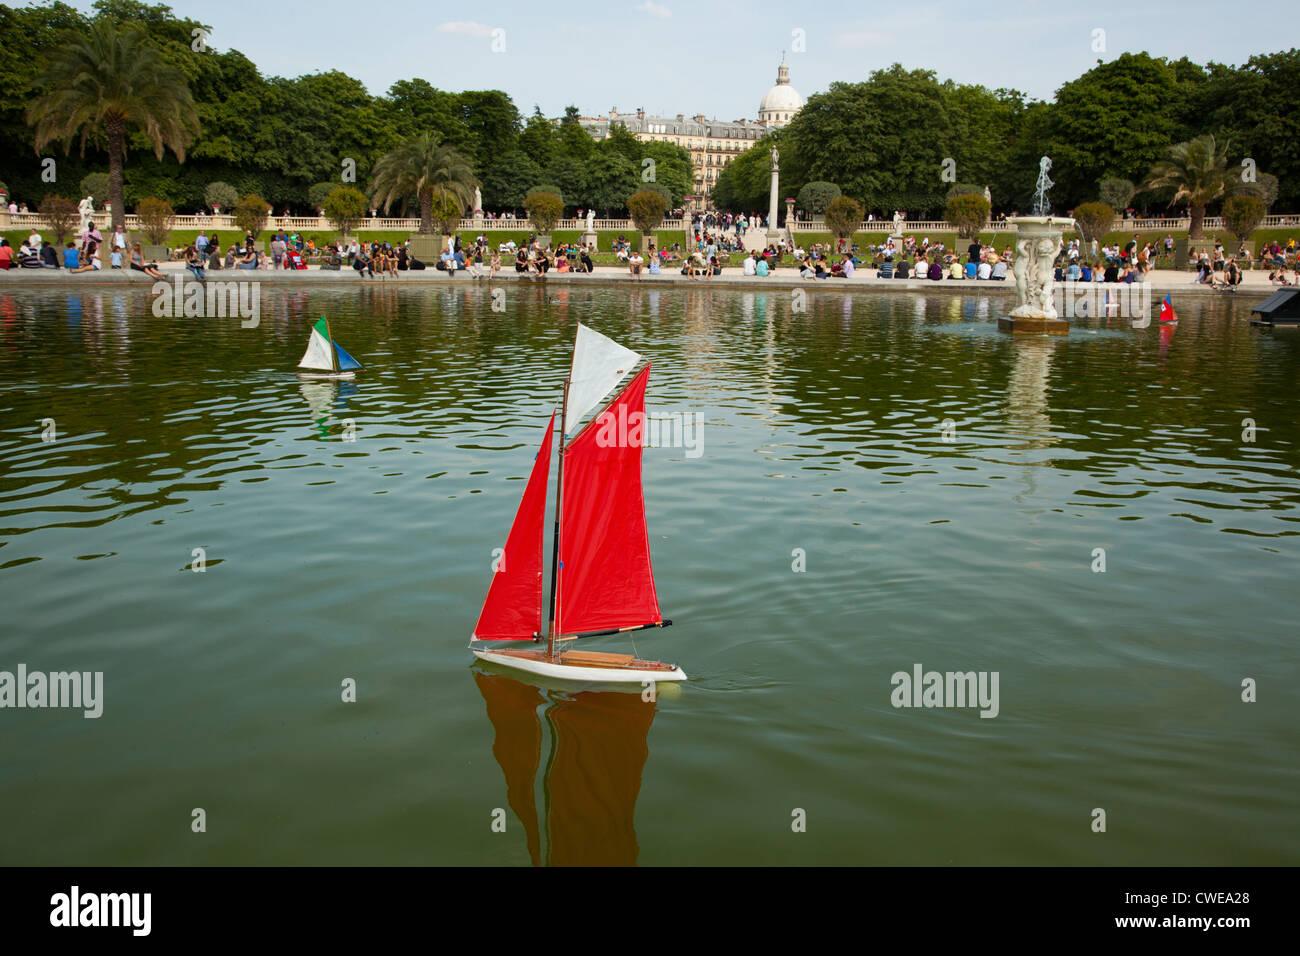 Bateau Telecommande De Navigation Sur Le Lac Dans Le Jardin Du